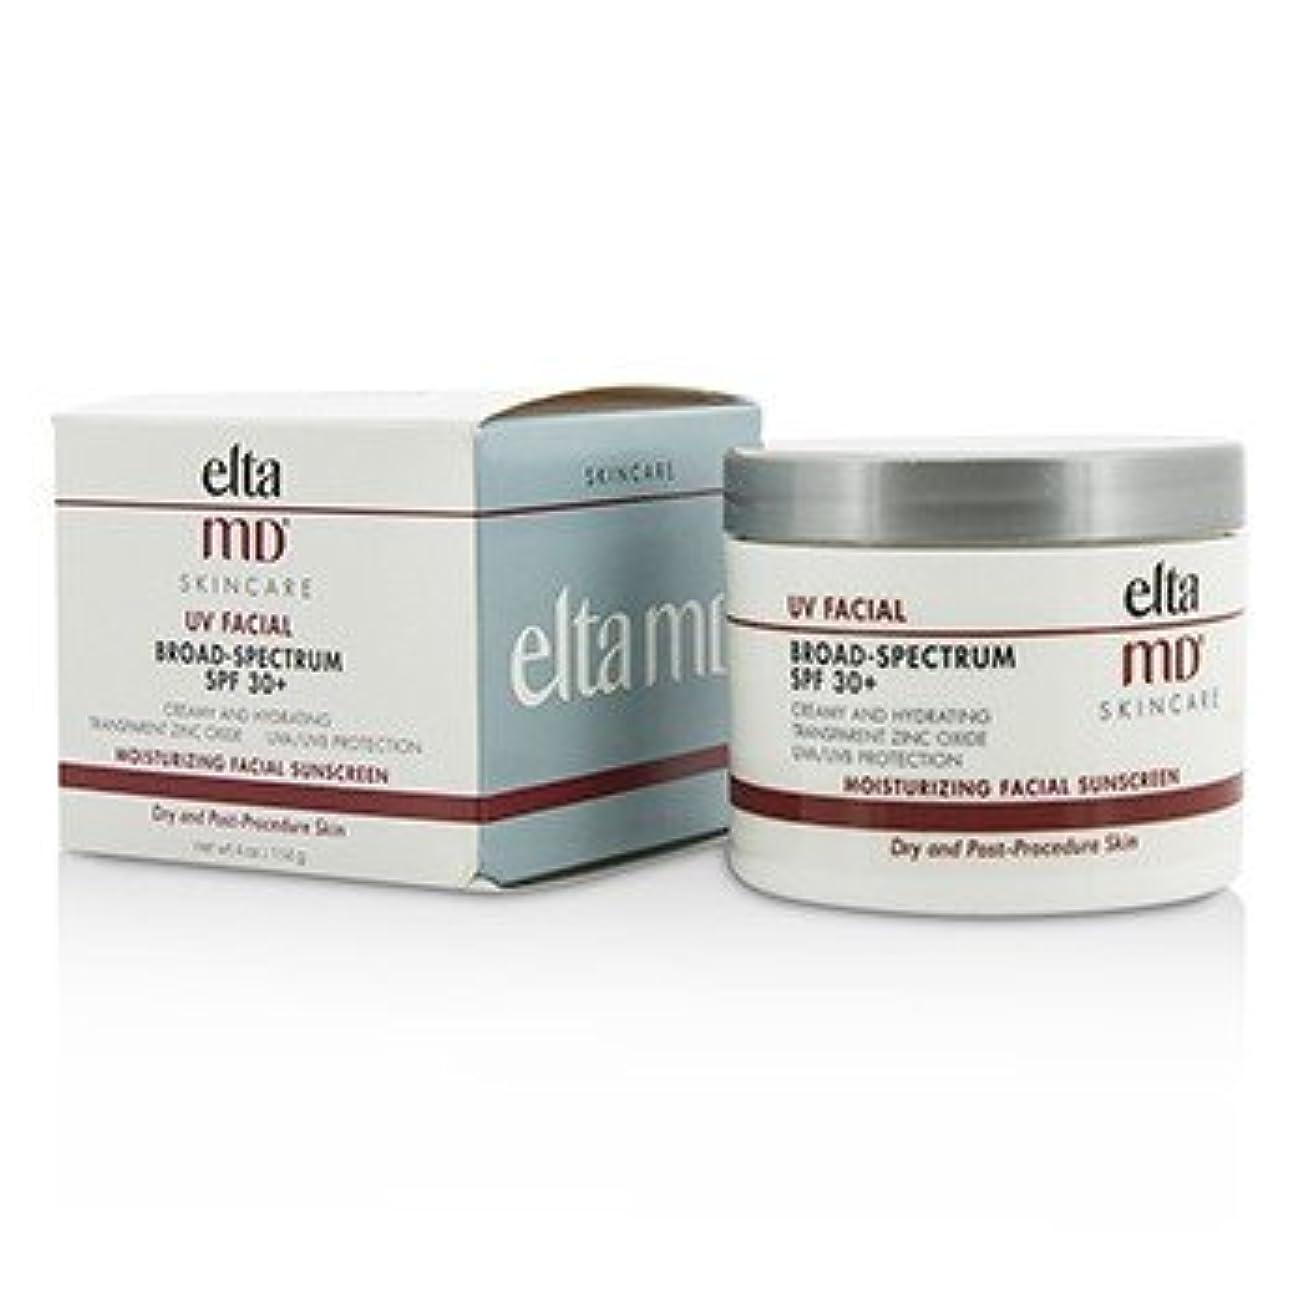 欠かせない着服警告[EltaMD] UV Facial Moisturizing Facial Sunscreen SPF 30 - For Dry & Post Procedure Skin 114g/4oz